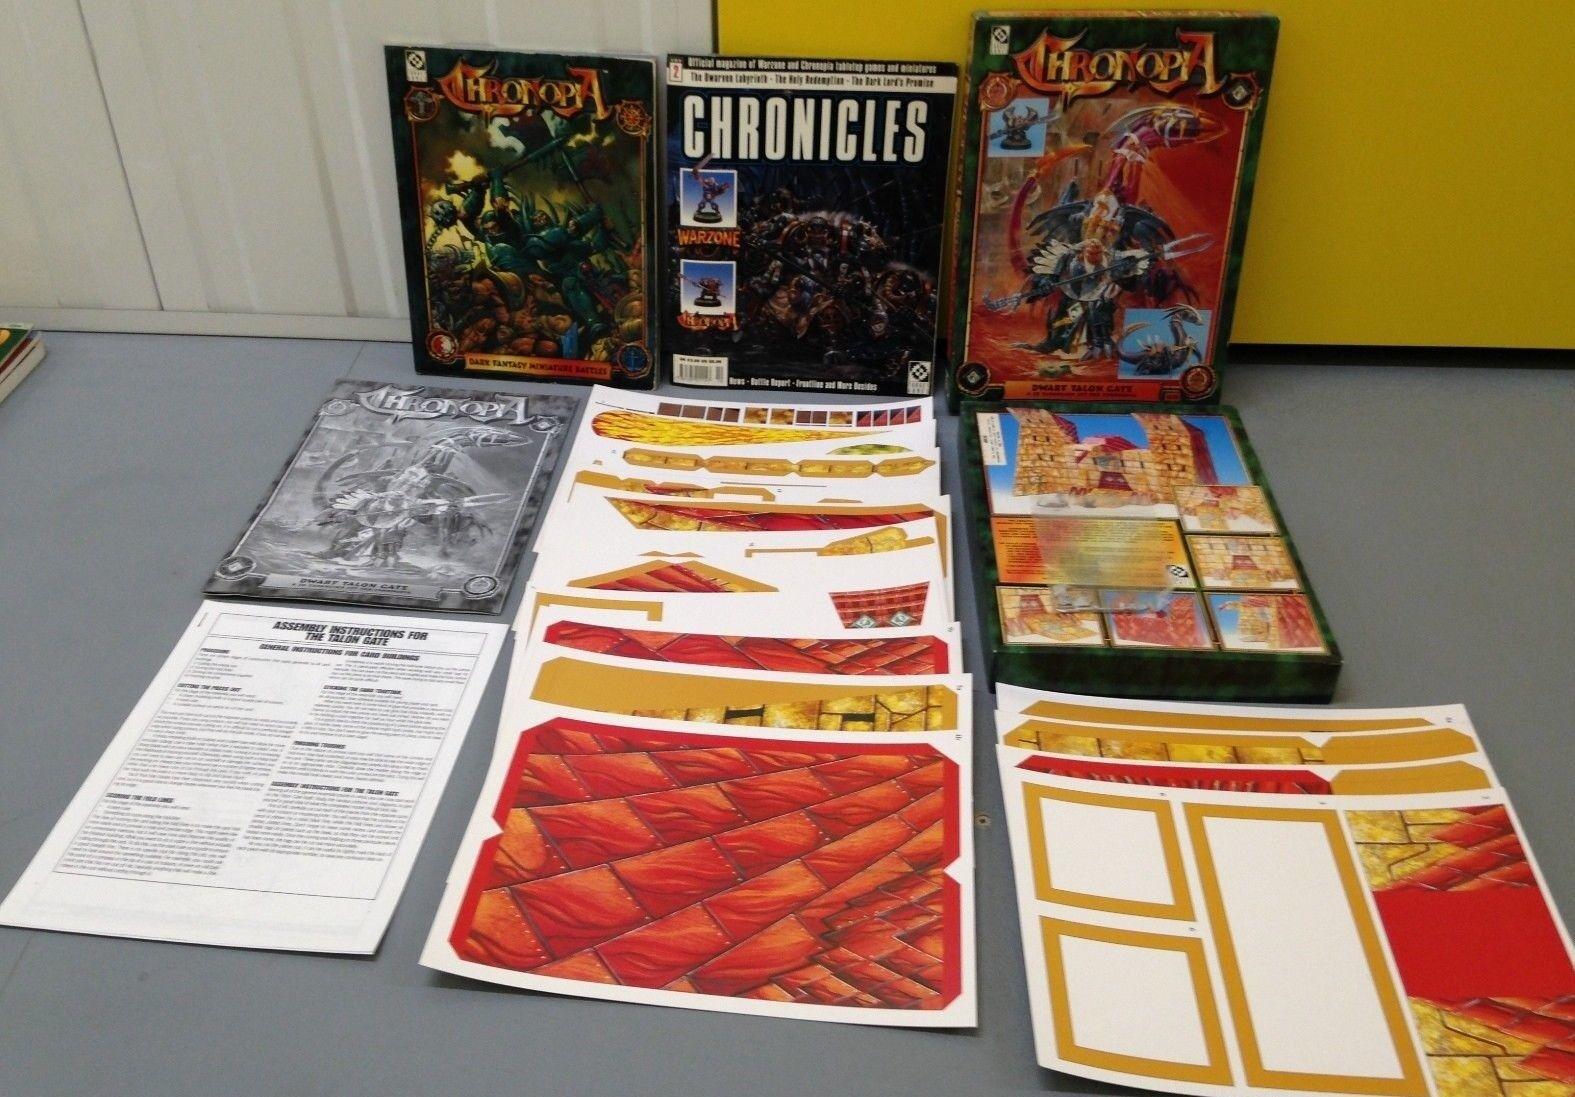 Chronopia - Dwarf Talon Gate Box Set plus Core Rule Book 2201 & Chronicles